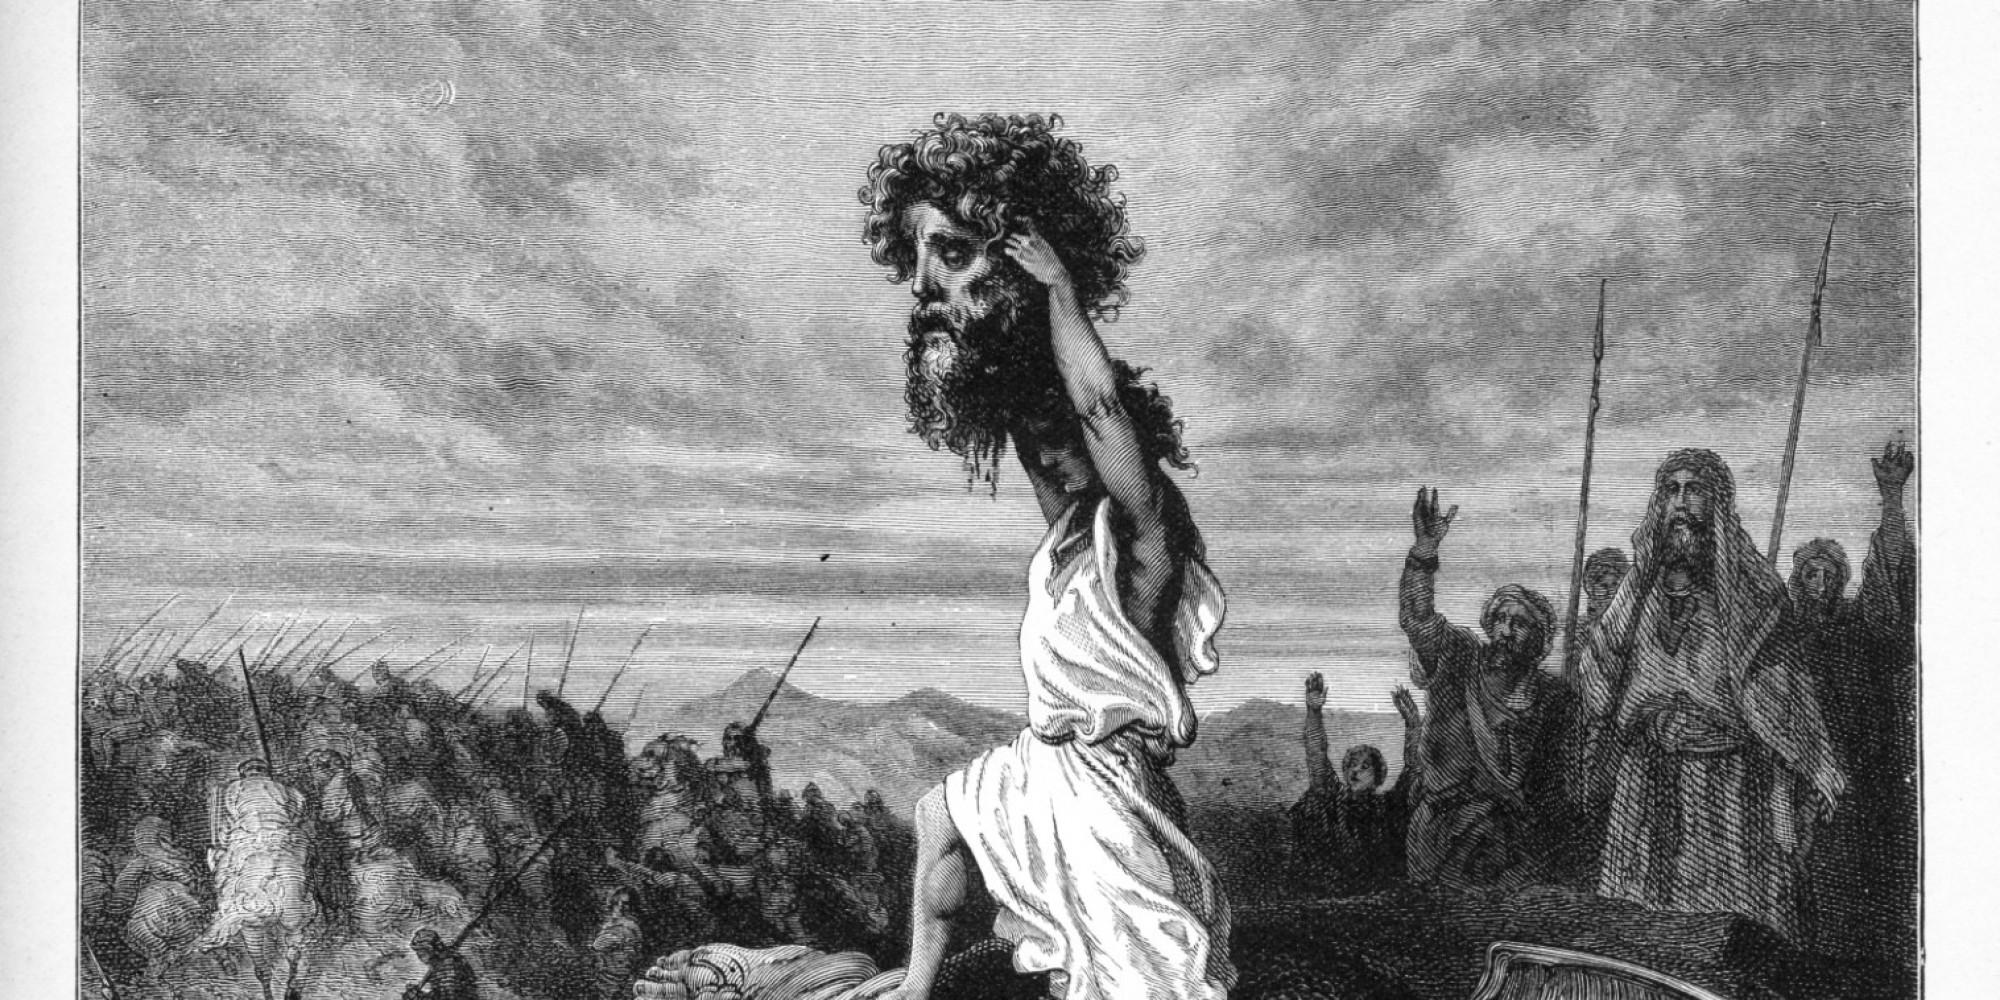 'Goliath Gates' Of Ancient Biblical City Philistine Gath ...